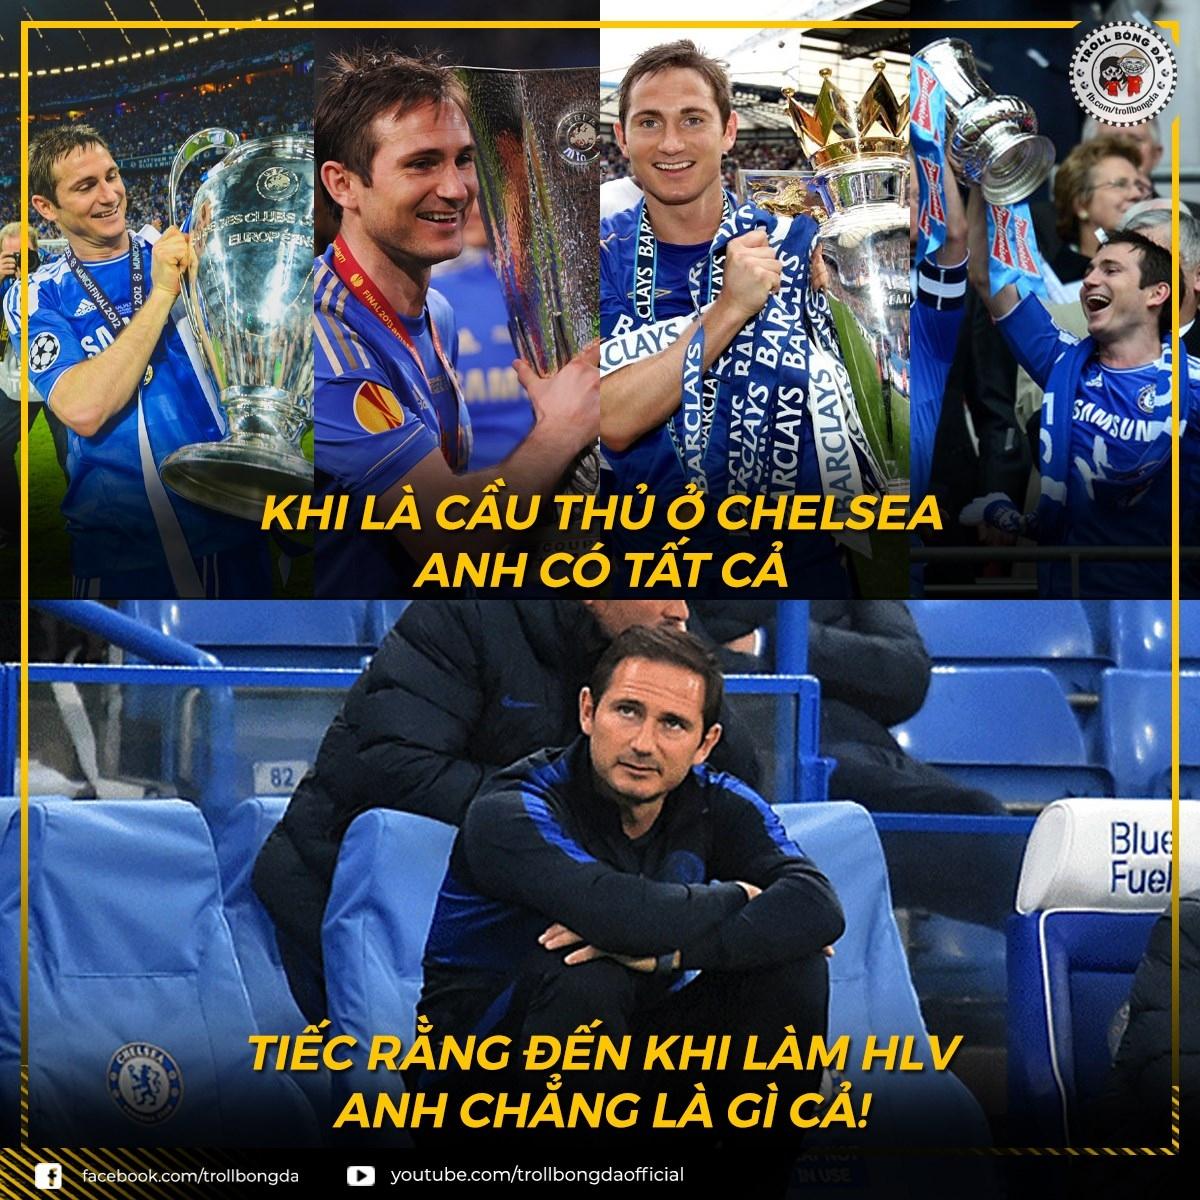 HLV Lampard rời chiếc ghế HLV của Chelsea mà không có được thành công đáng kể nào. (Ảnh: Troll bóng đá).